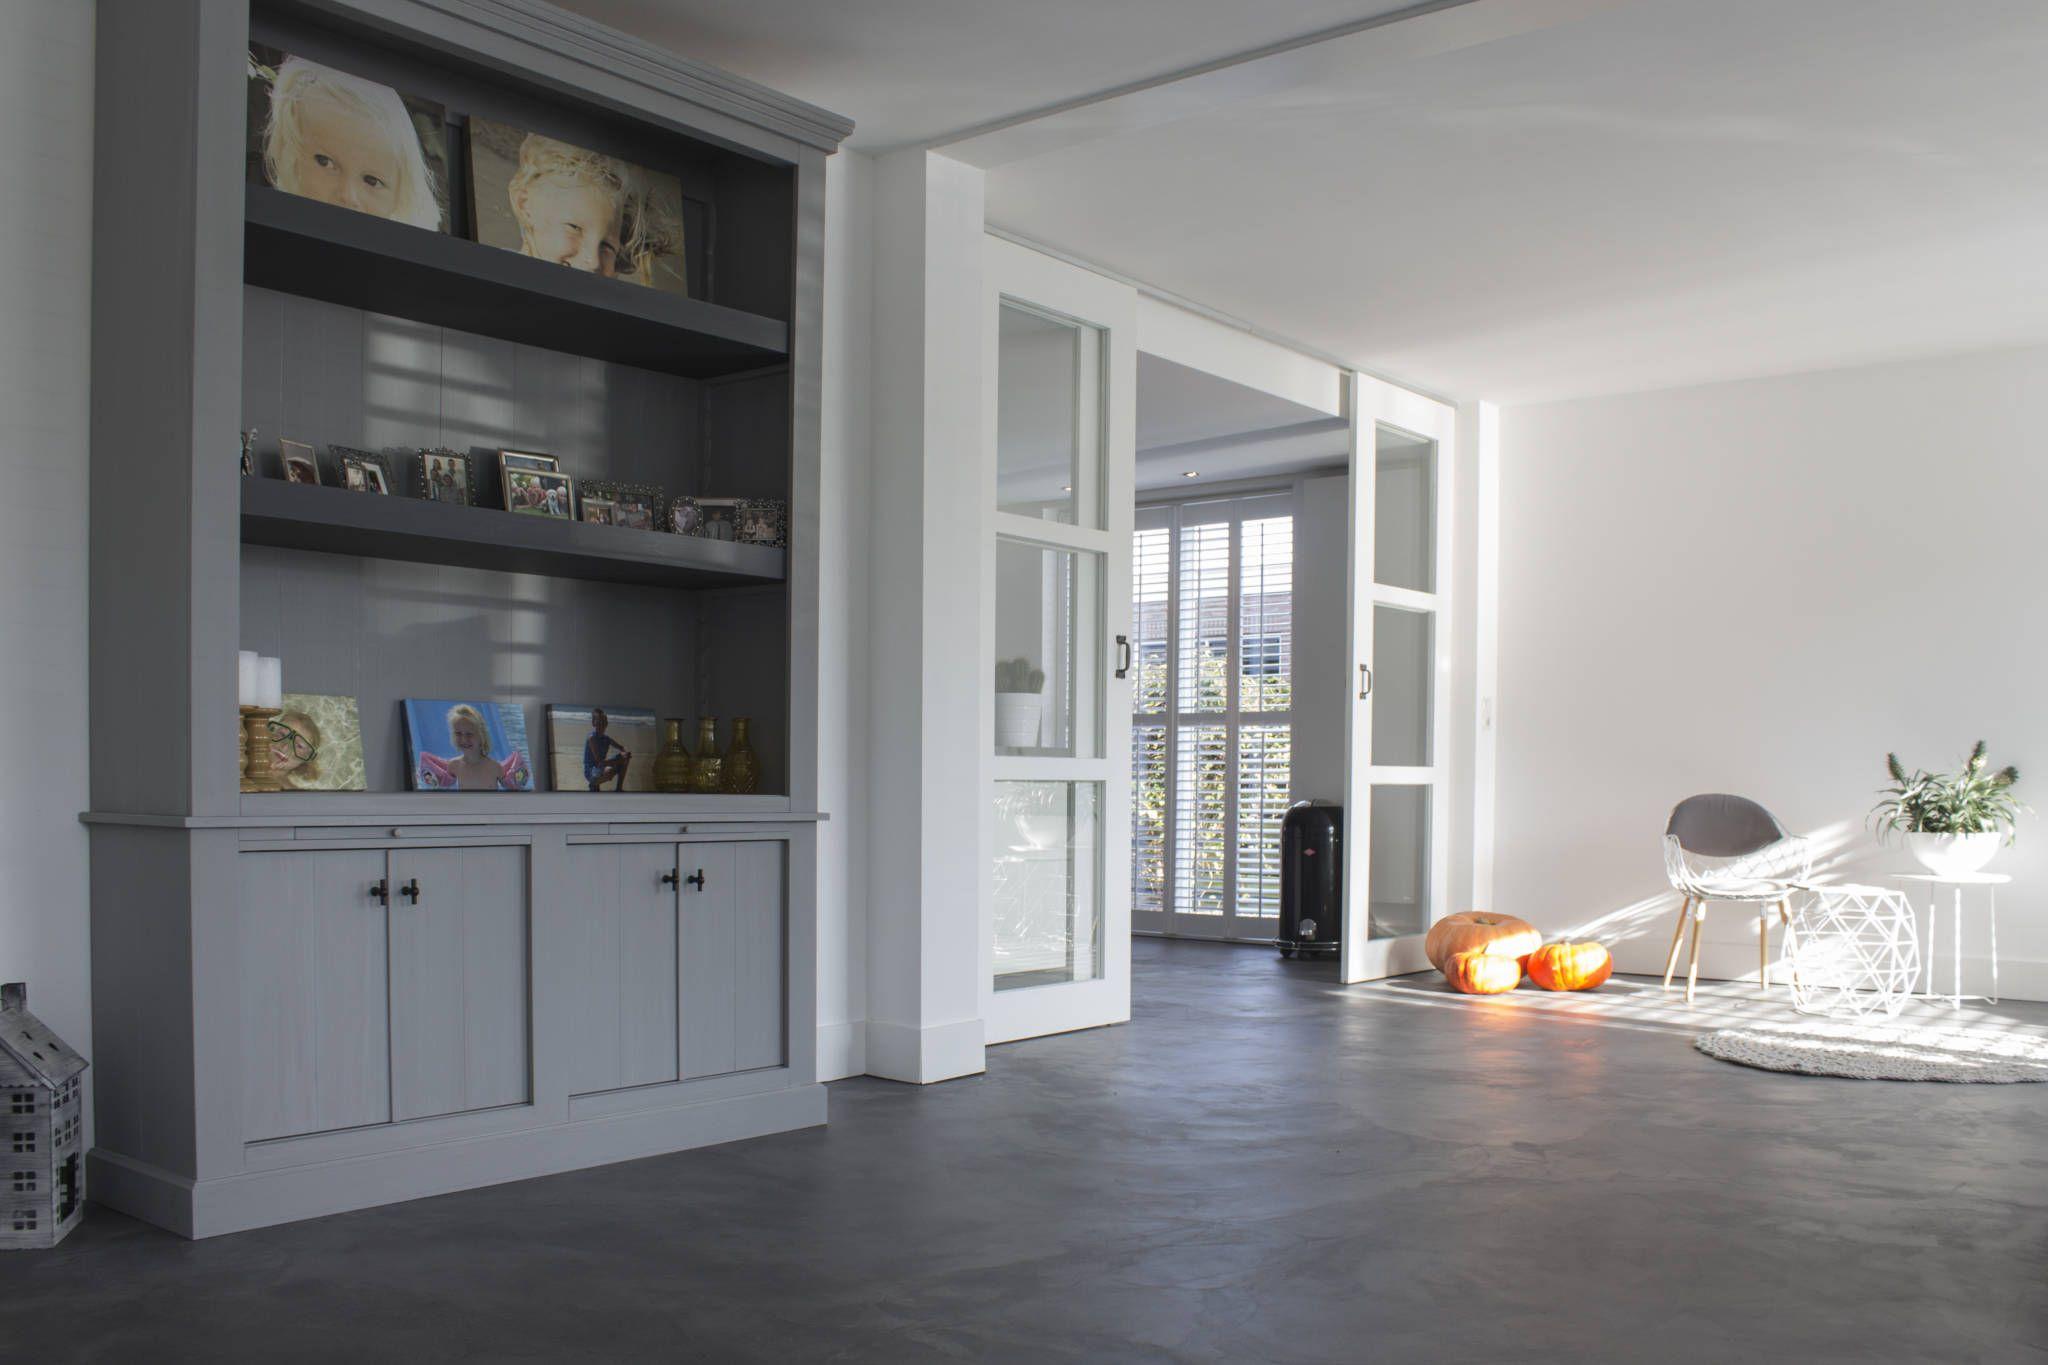 Exclusieve Gietvloer Woonkamer : Woonbeton u cementgebonden gietvloer woonkamer door motion